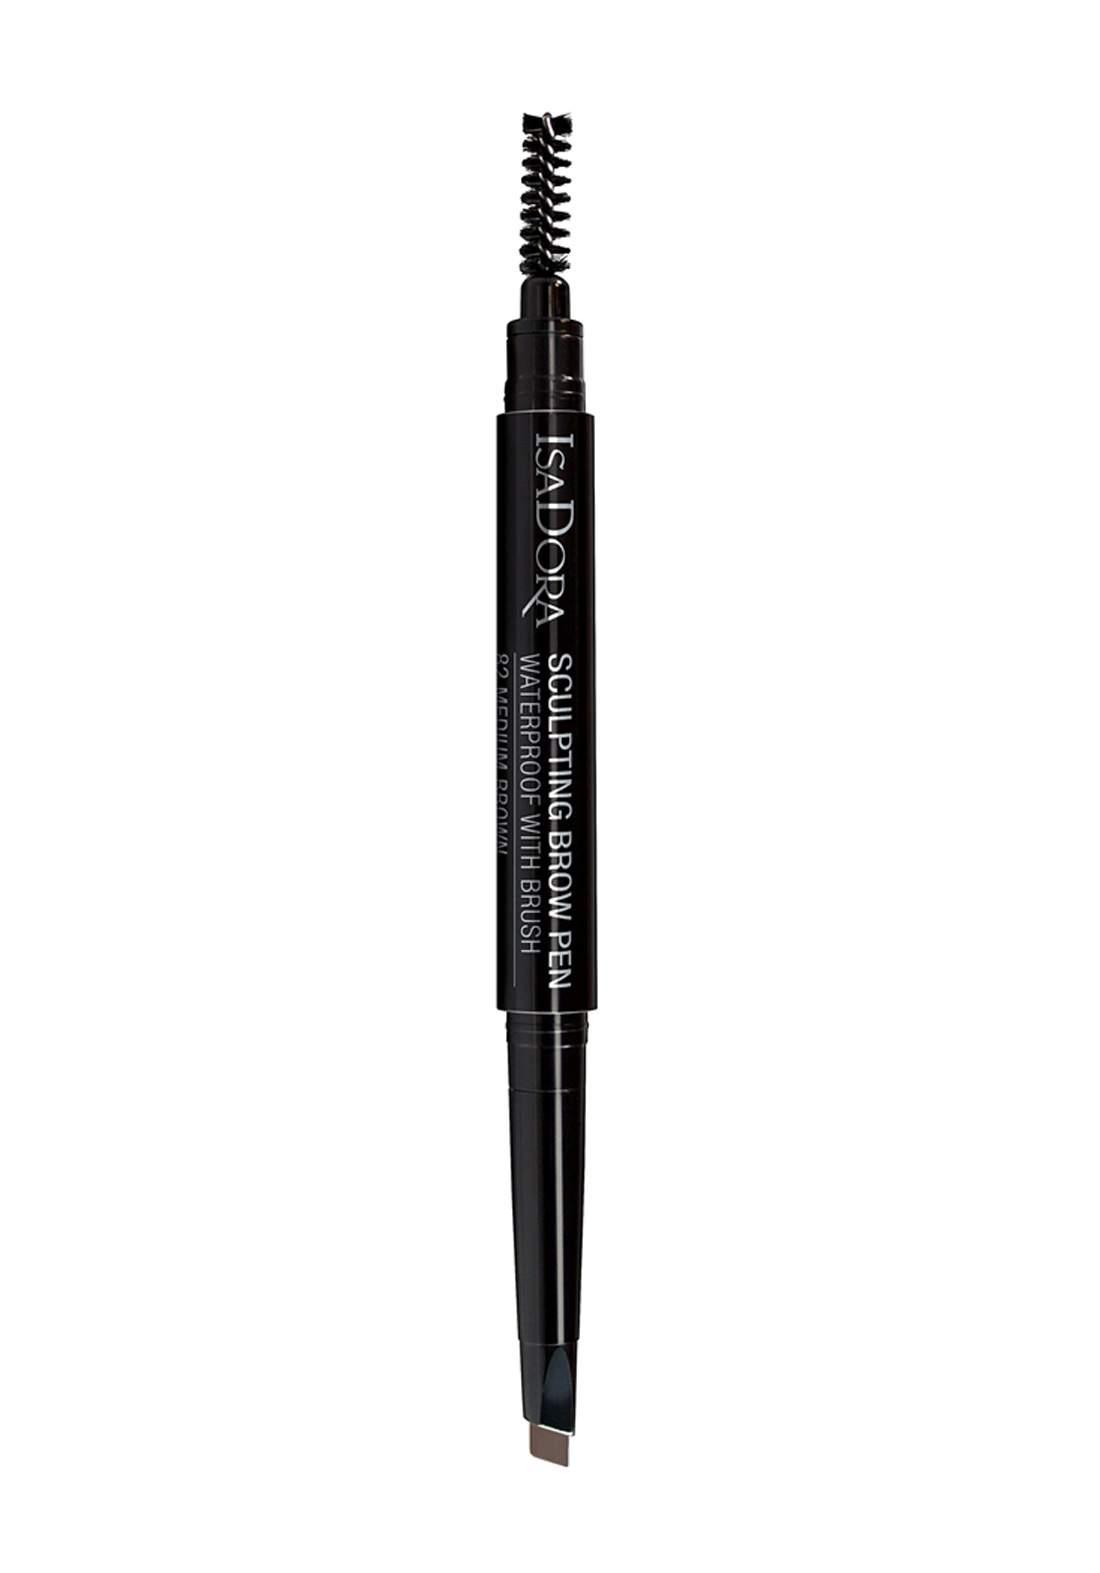 314205 Isadora Sculpting Brow Pen Waterproof-Medium Brown No.82  قلم تحديد الحواجب بالفرشاة